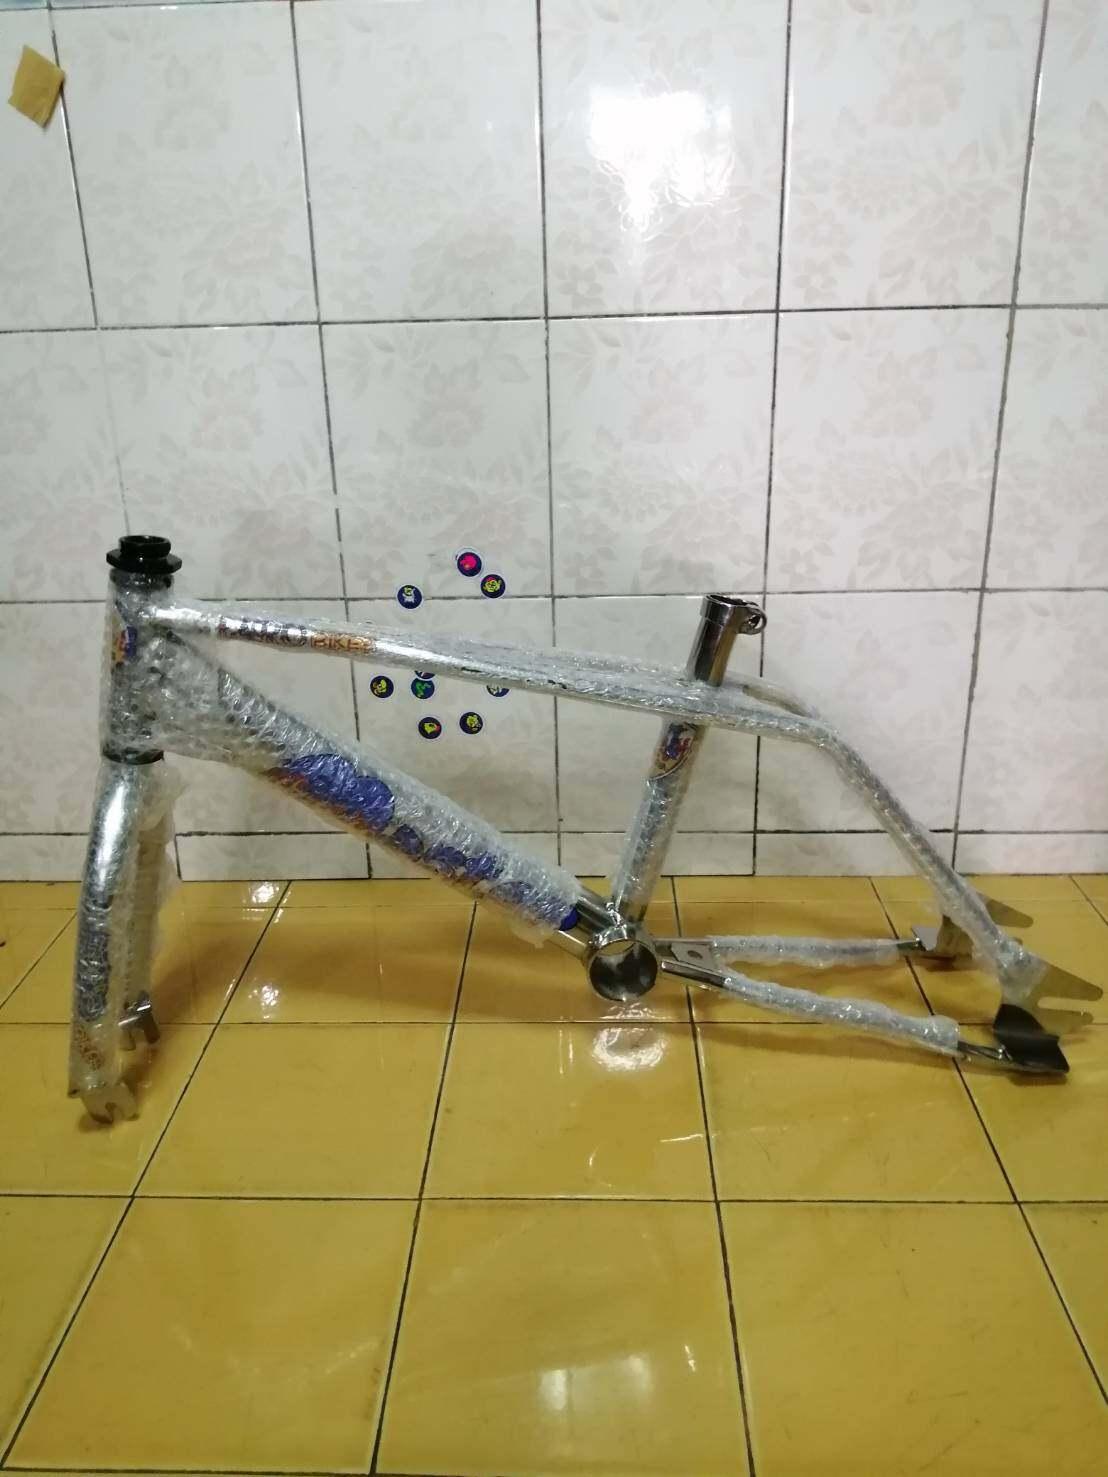 ตัวถัง(โครง)จักรยาน ฮาโร่ (haro) พร้อม ตะเกียบ ขนาดวงล้อ 16 นิ้ว.